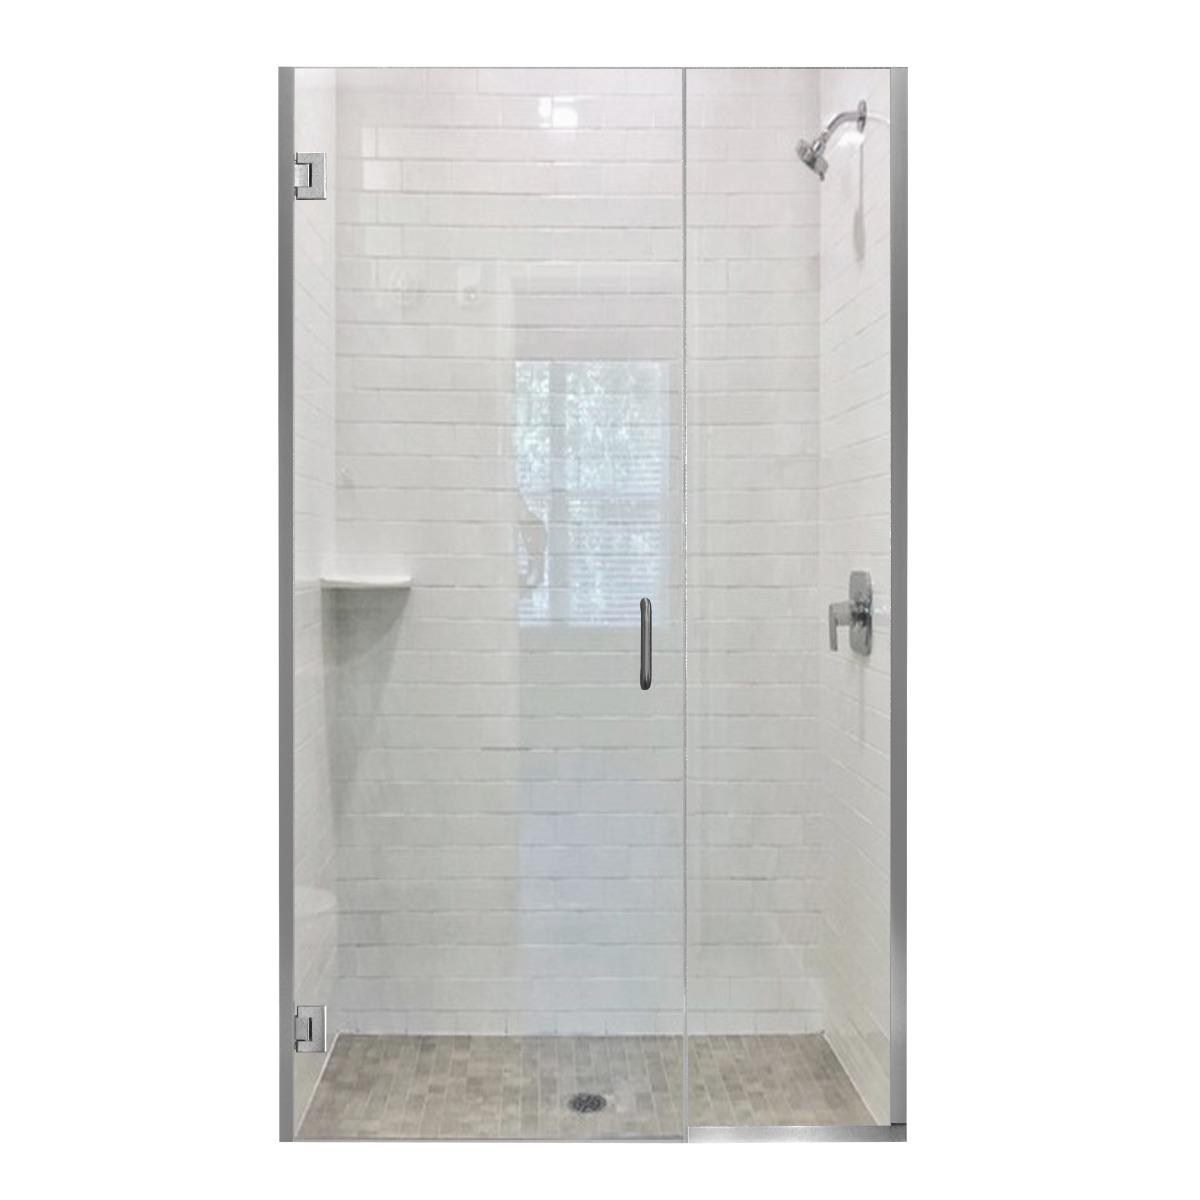 Frameless Swing Door With Inline Panel, Swinging Bathroom Doors